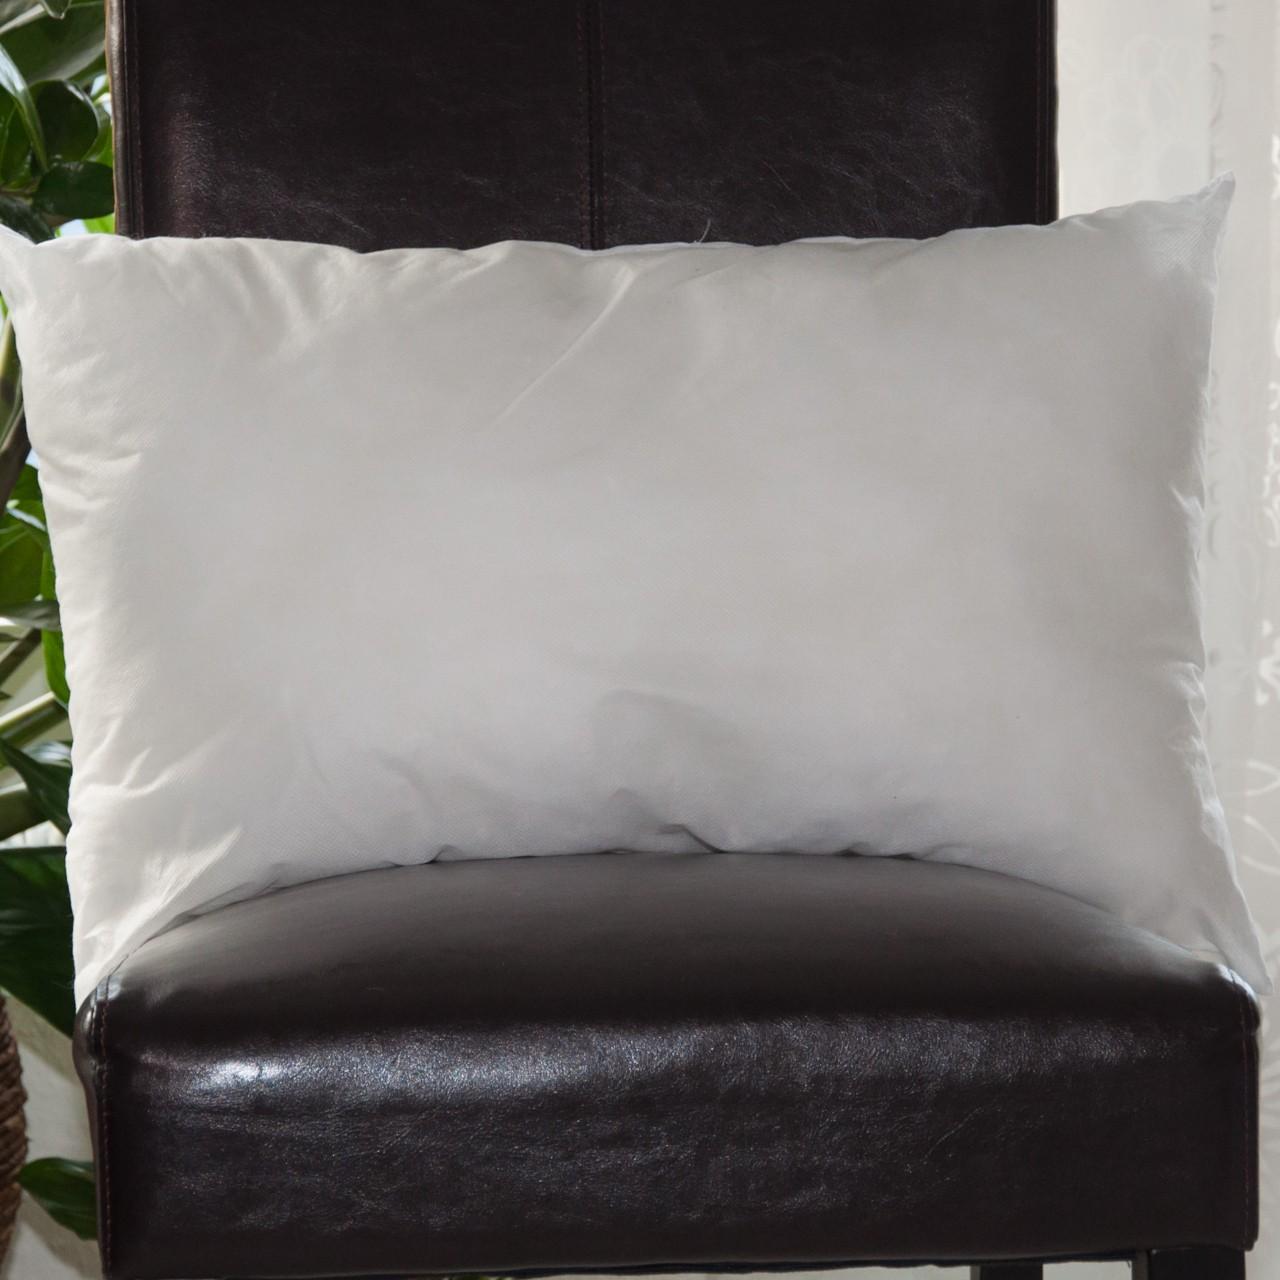 inlett 40 x 40 cm neckels onlineshop f r stoffe handgemachte kissen tischl ufer. Black Bedroom Furniture Sets. Home Design Ideas